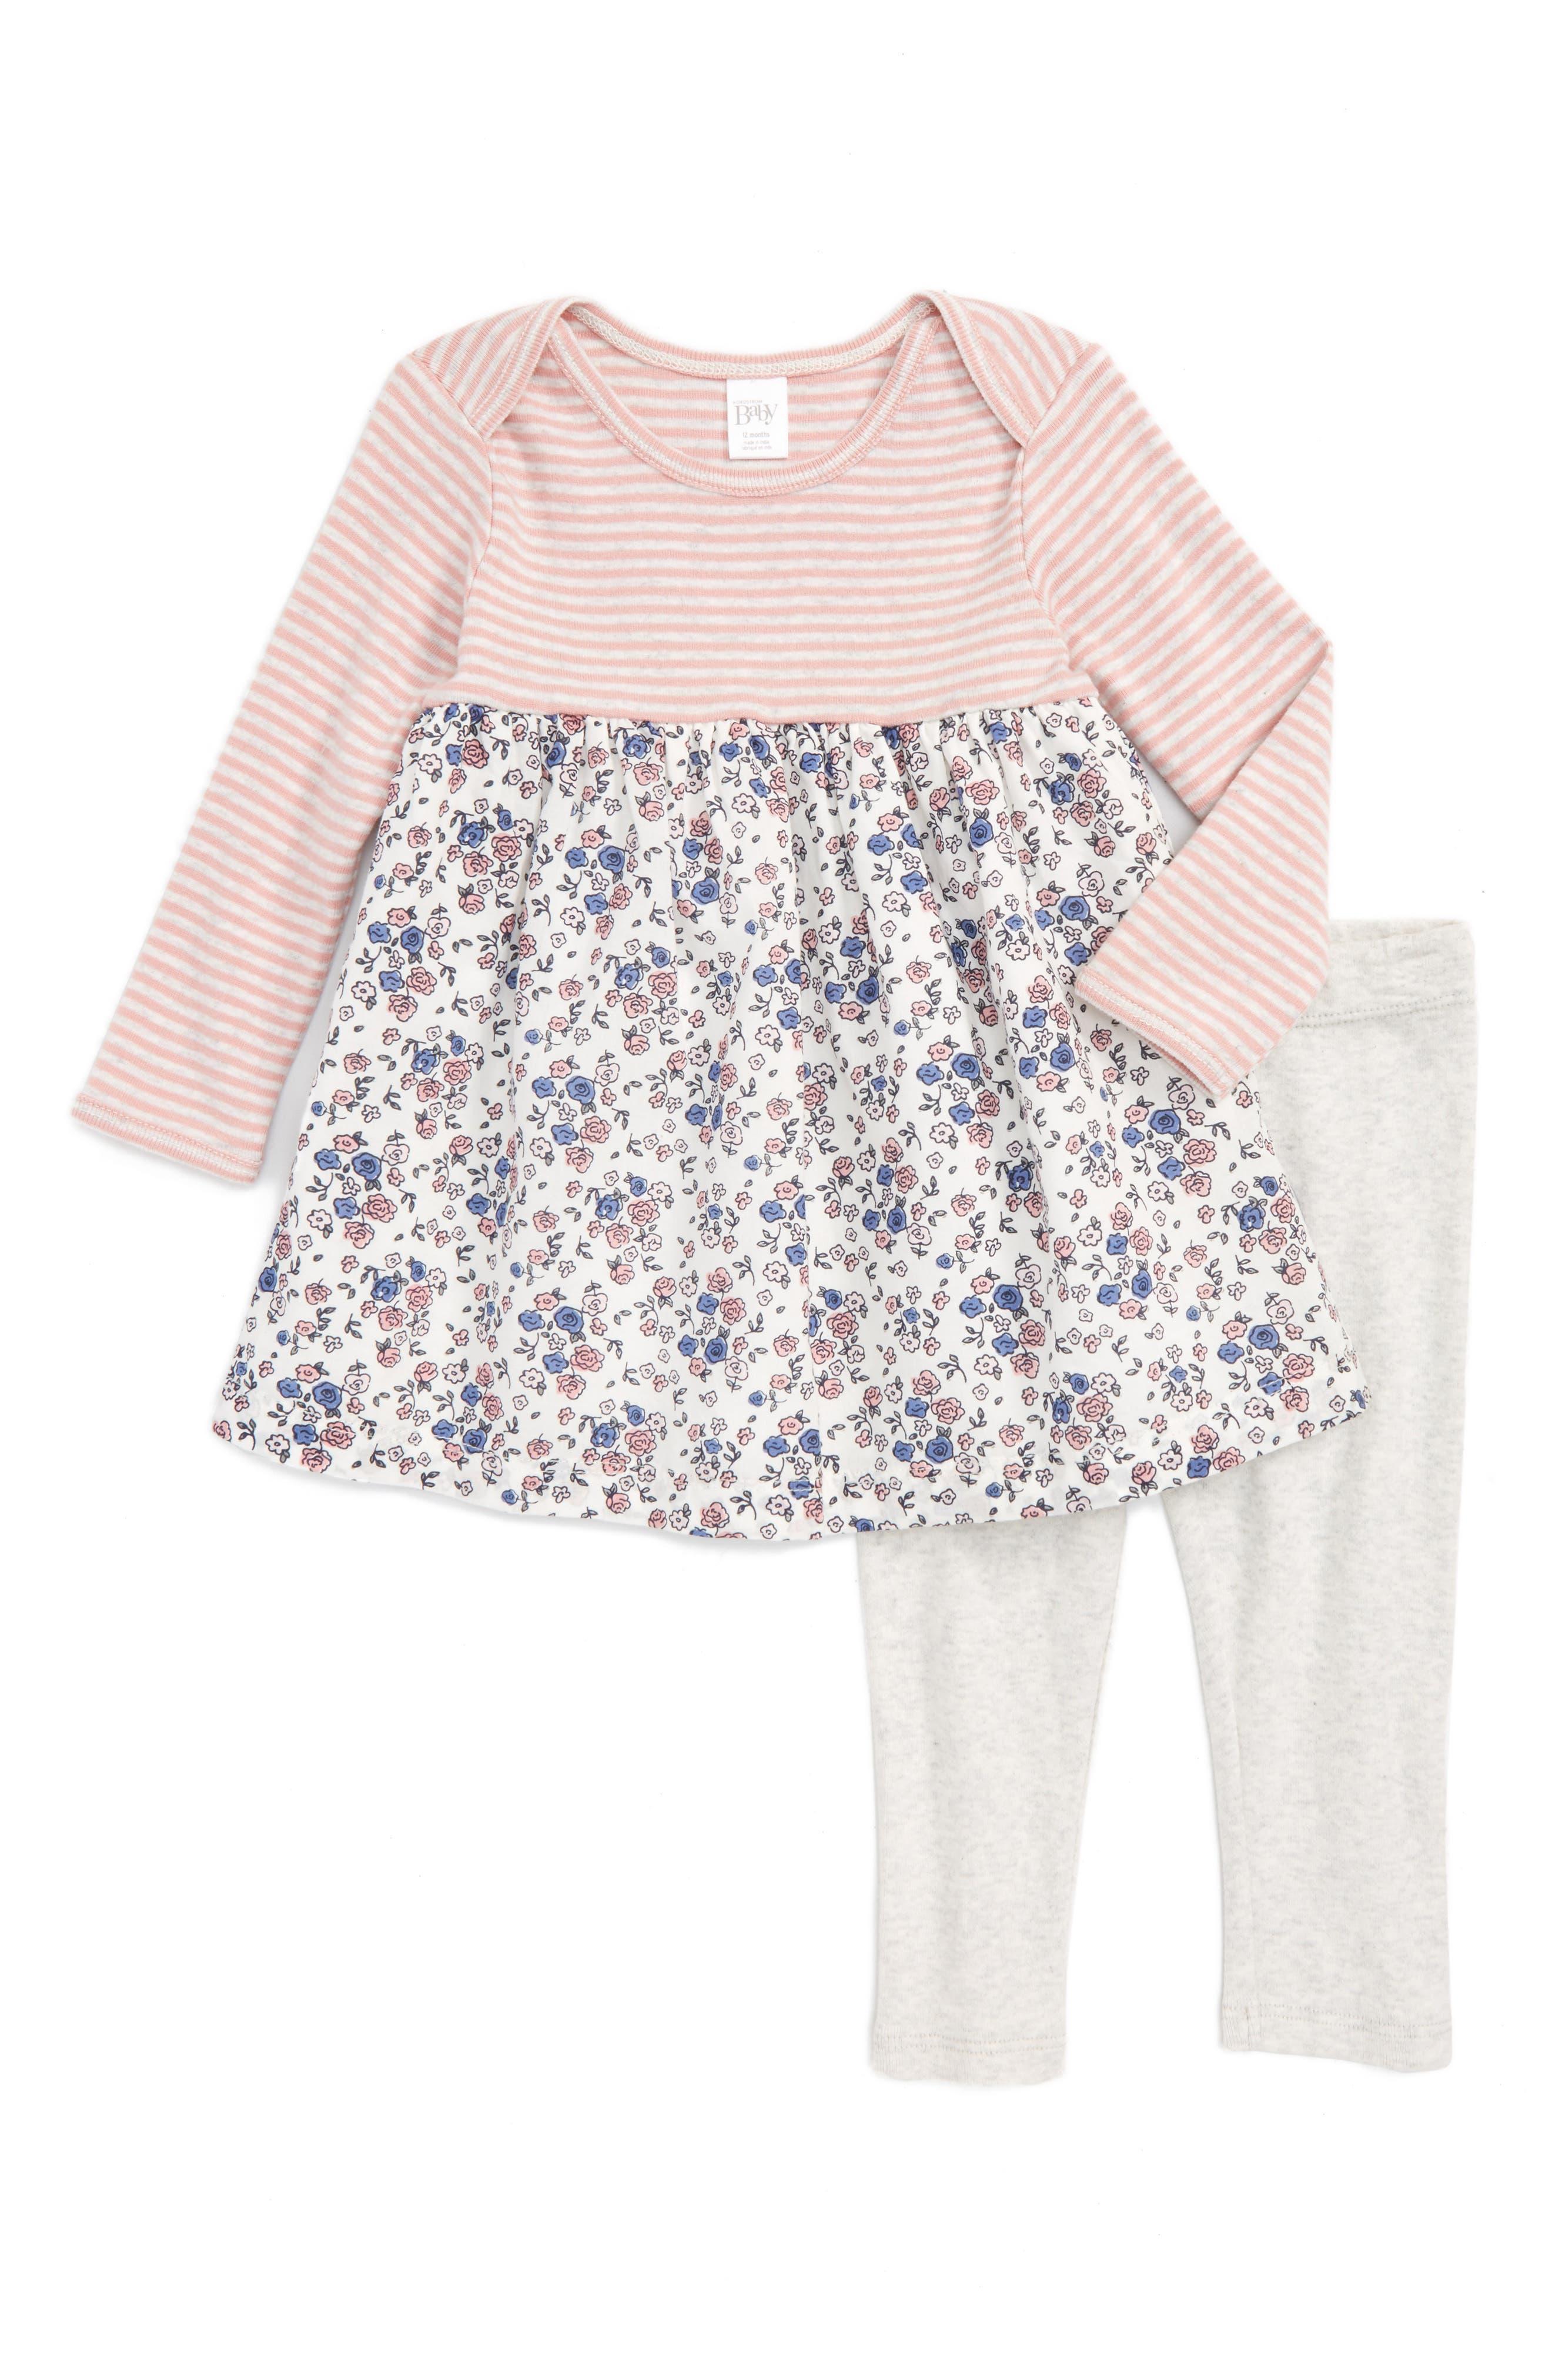 Nordstrom Baby Dress & Leggings Set (Baby Girls)